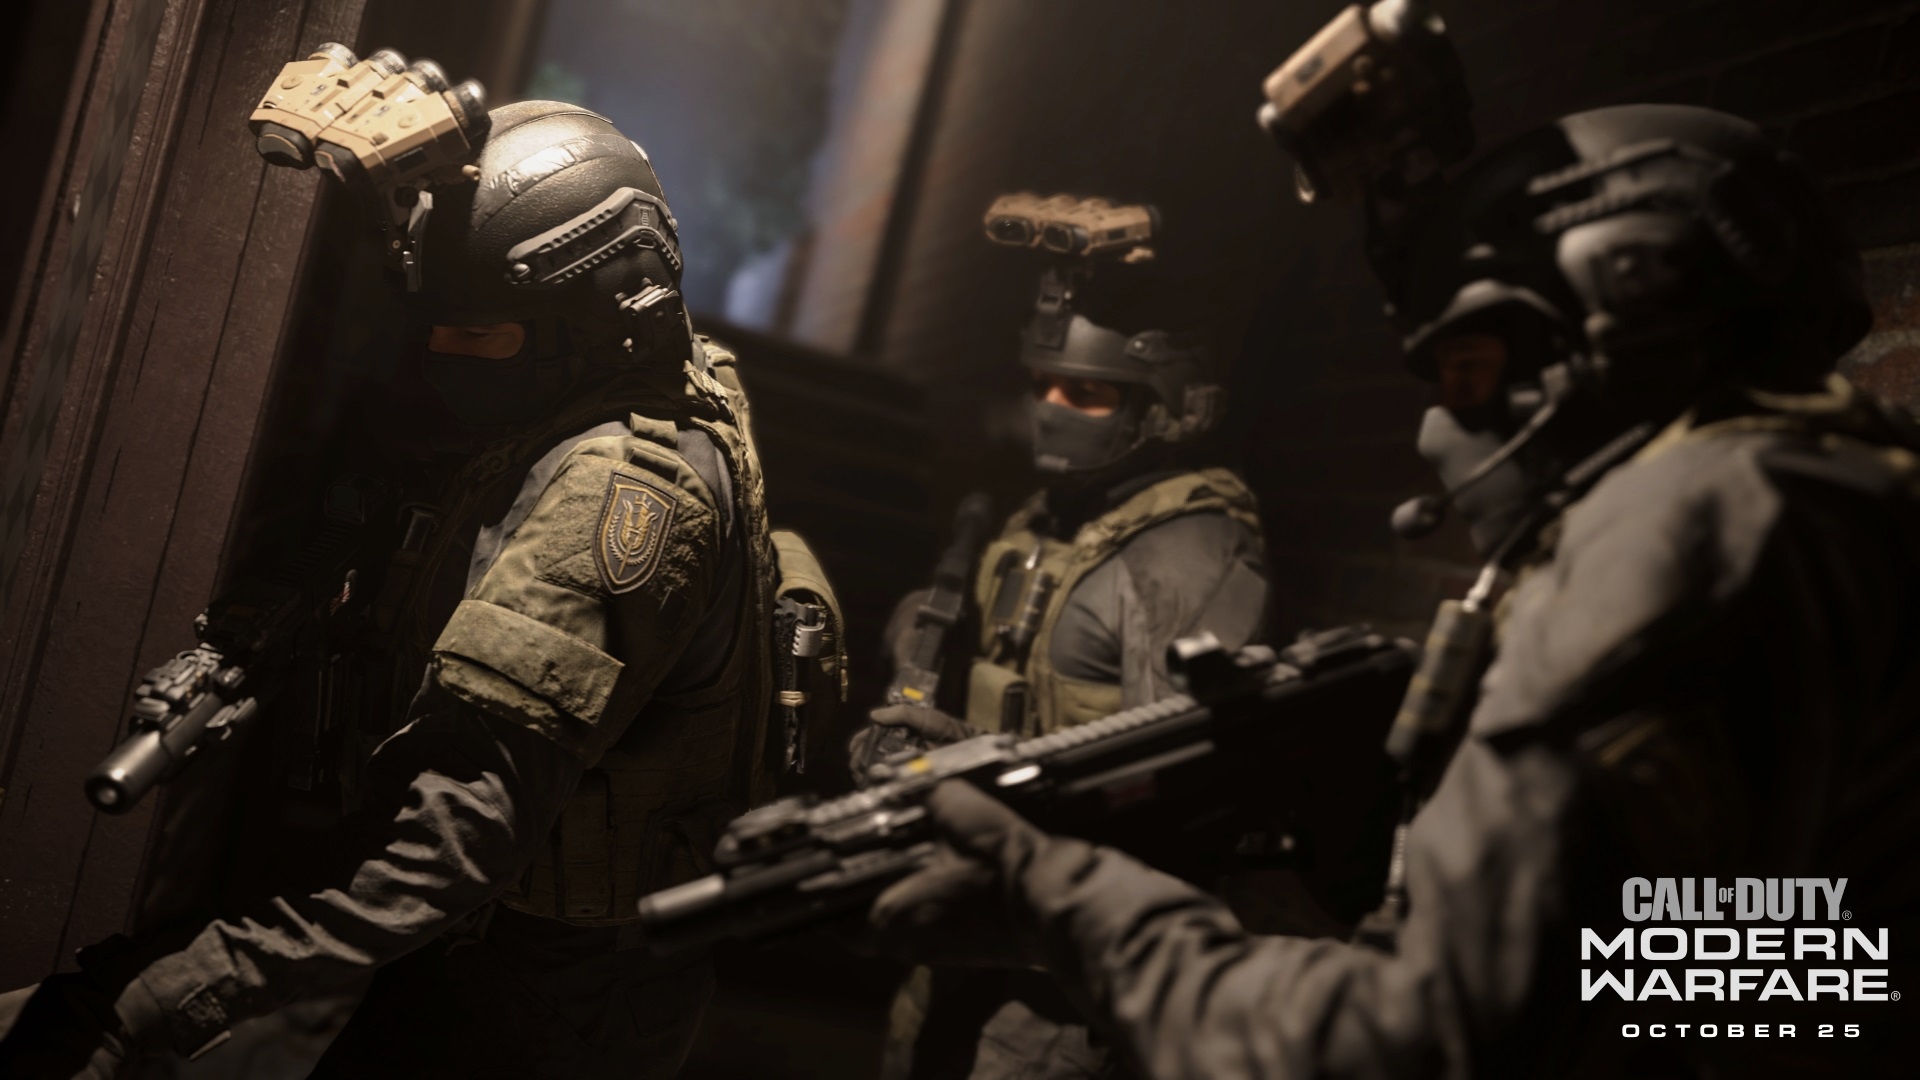 Call of Duty: Modern Warfare دارای بیشترین تعداد بستههای الحاقی در بین تمام سری بازیهای Call of Duty خواهد بود